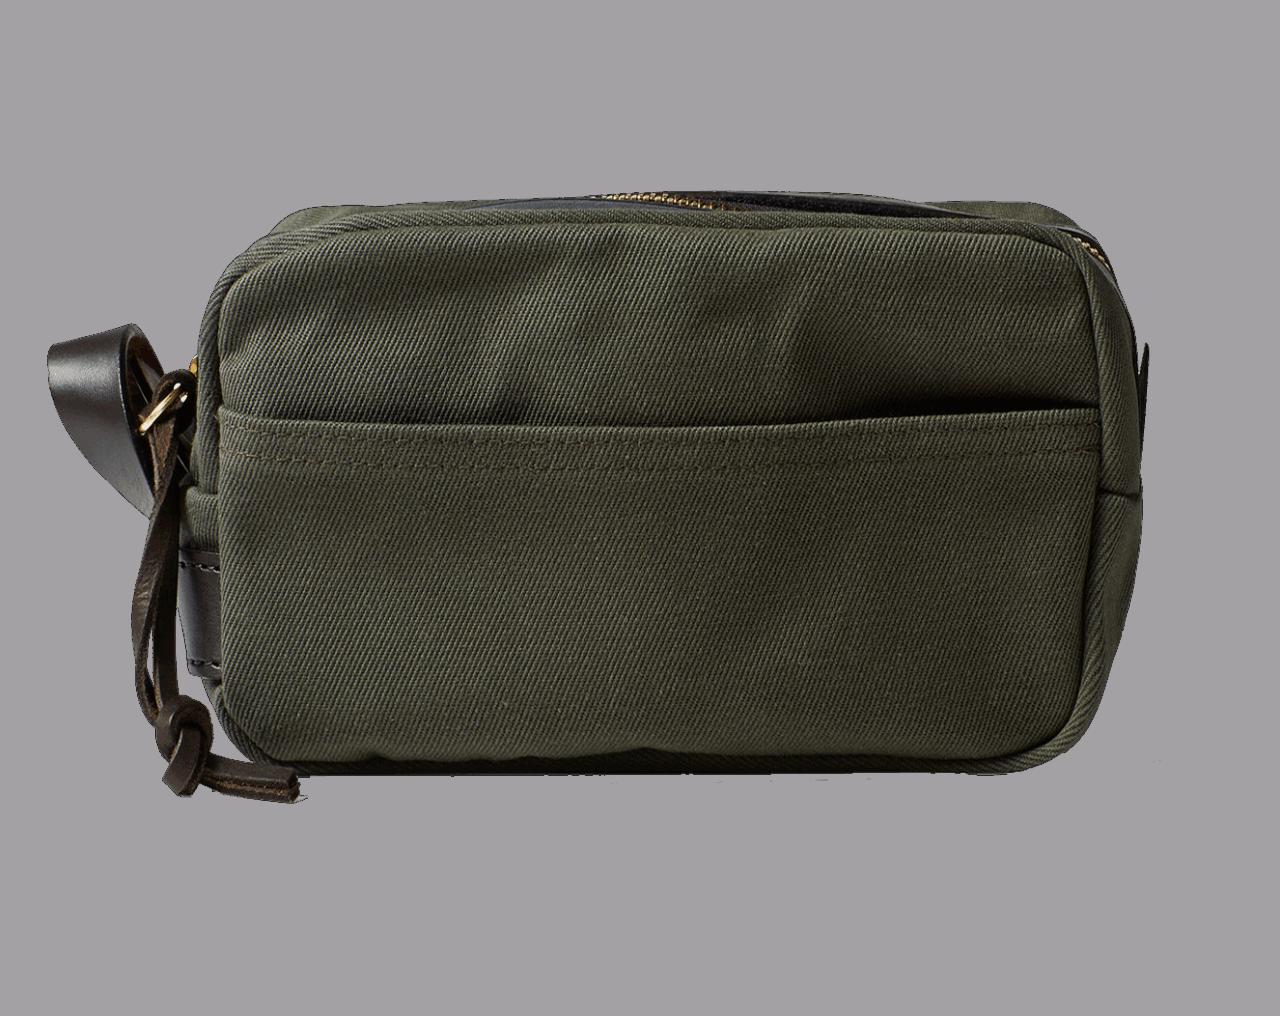 Filson Travel Kit - Otter Green